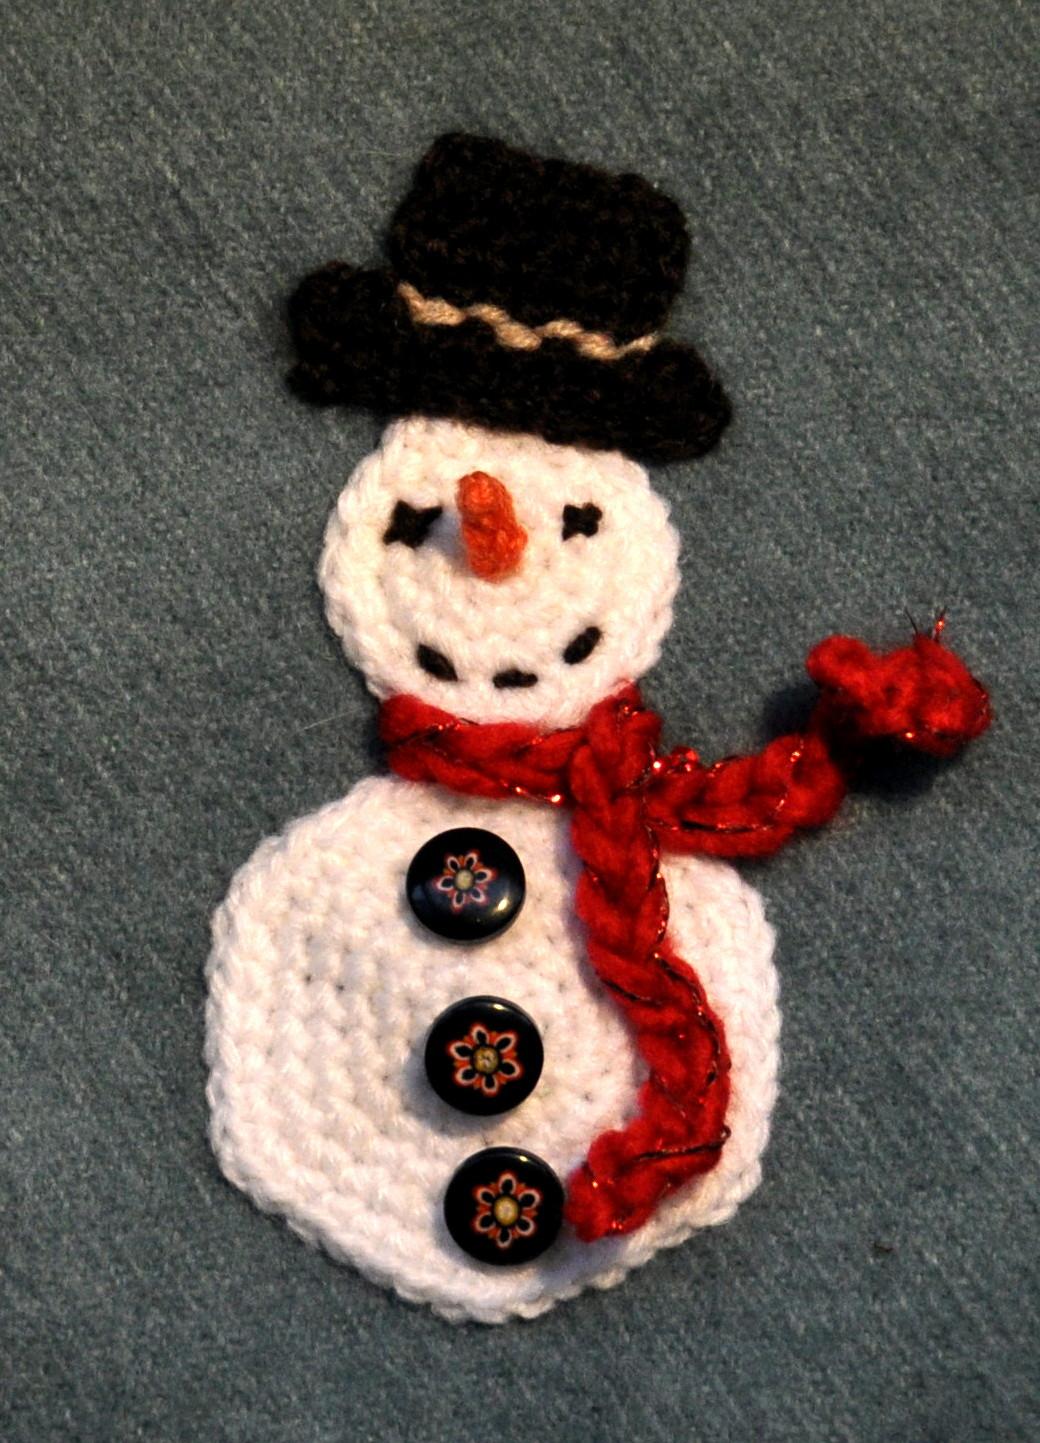 Crochet snowman appliqué